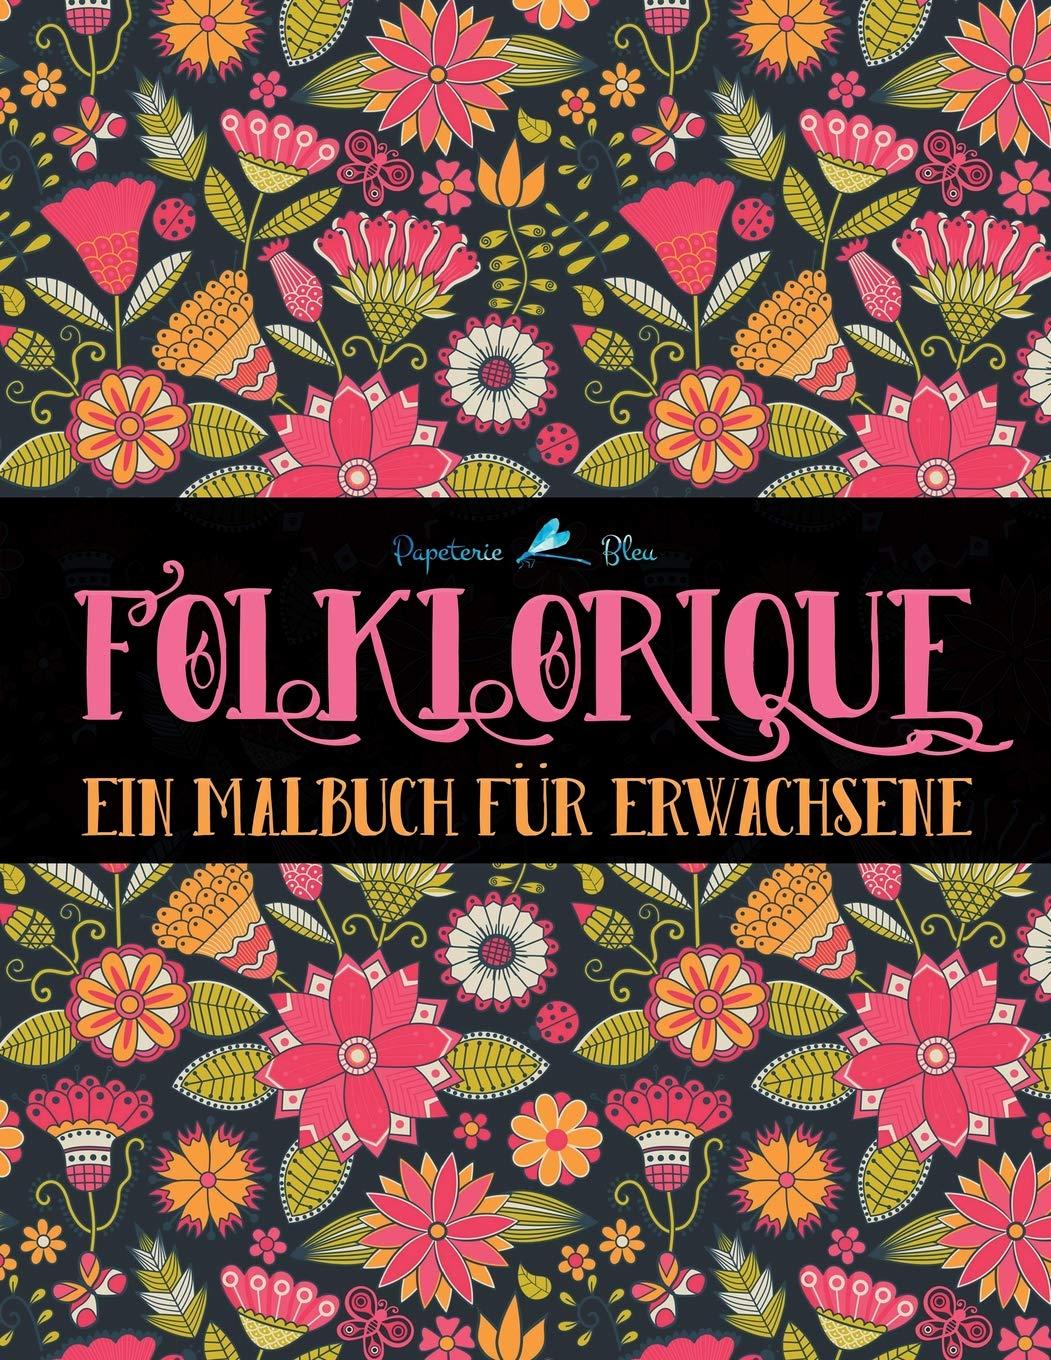 folklorique ein malbuch fr erwachsene german edition